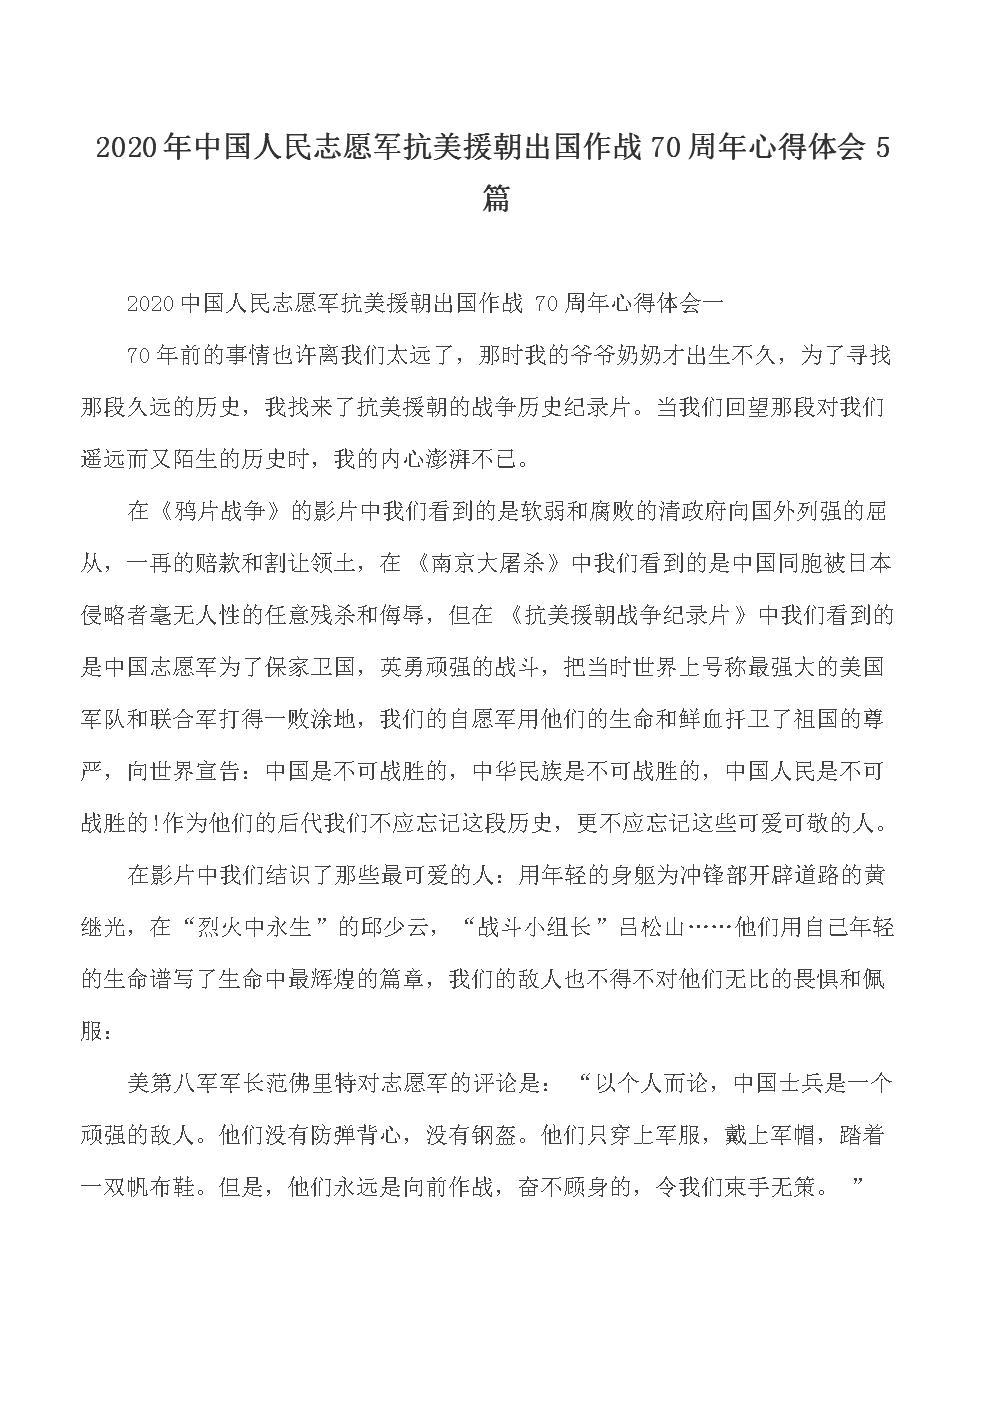 2020年中国人民志愿军抗美援朝出国作战70周年心得体会5篇.docx